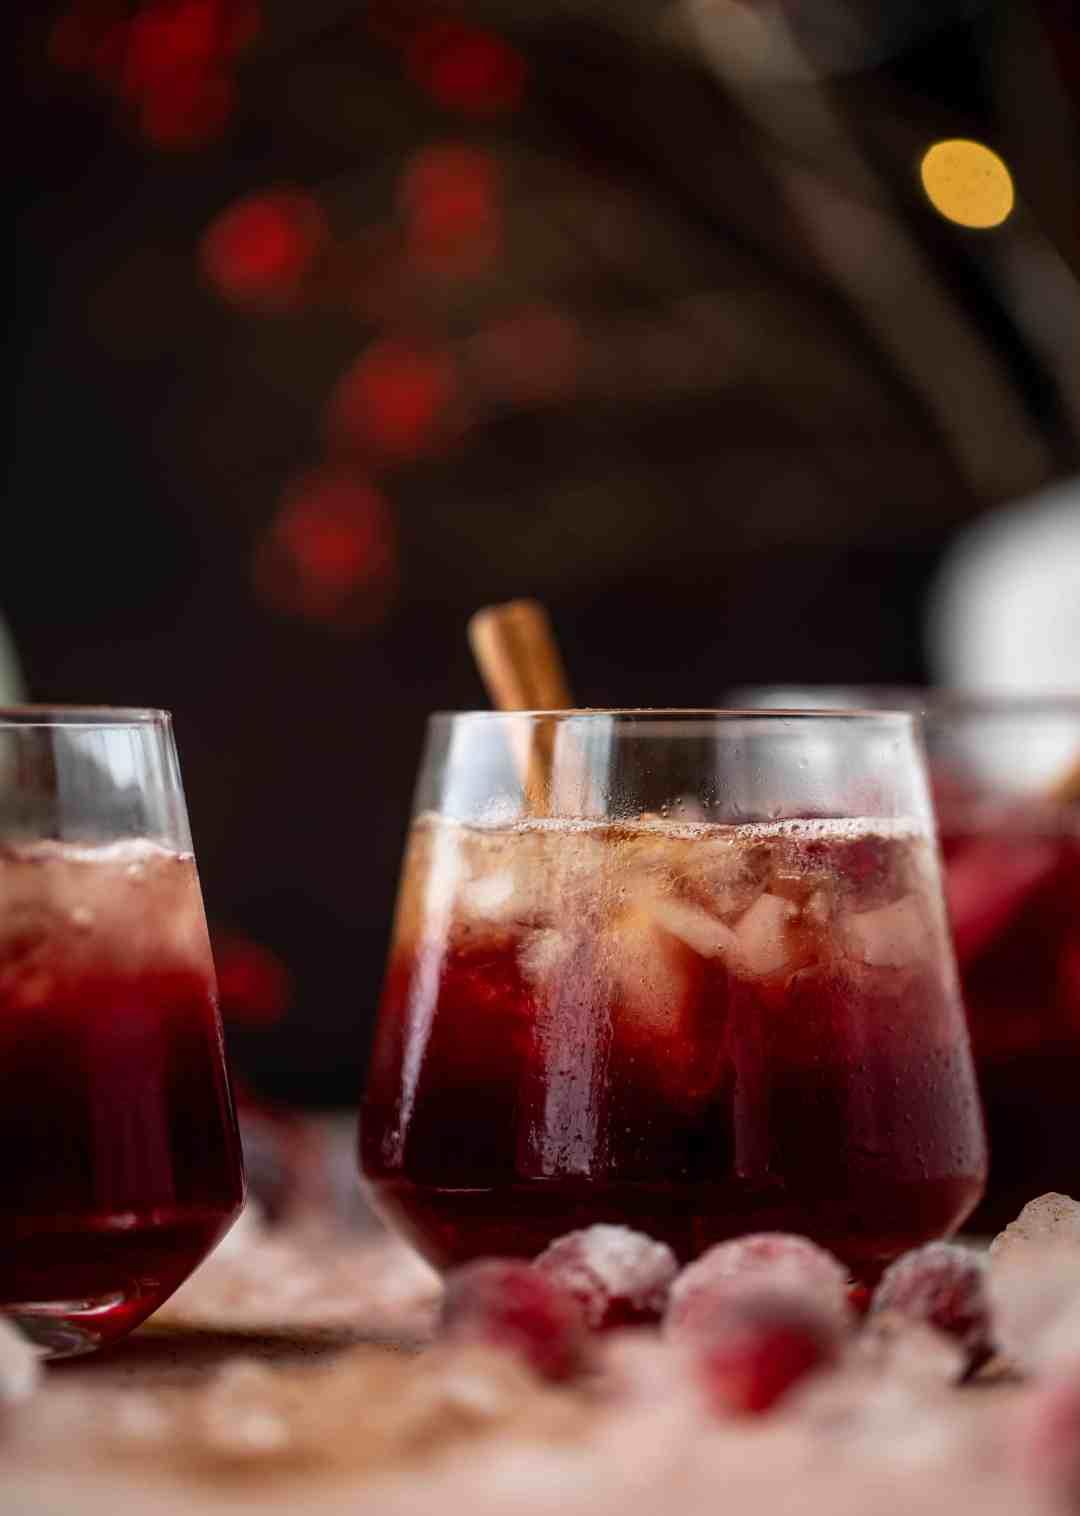 ¡Este zapatero de arándano es perfecto para la temporada navideña! Bourbon, jarabe de canela simple y jugo de arándano: es especiado, cálido y maravilloso.